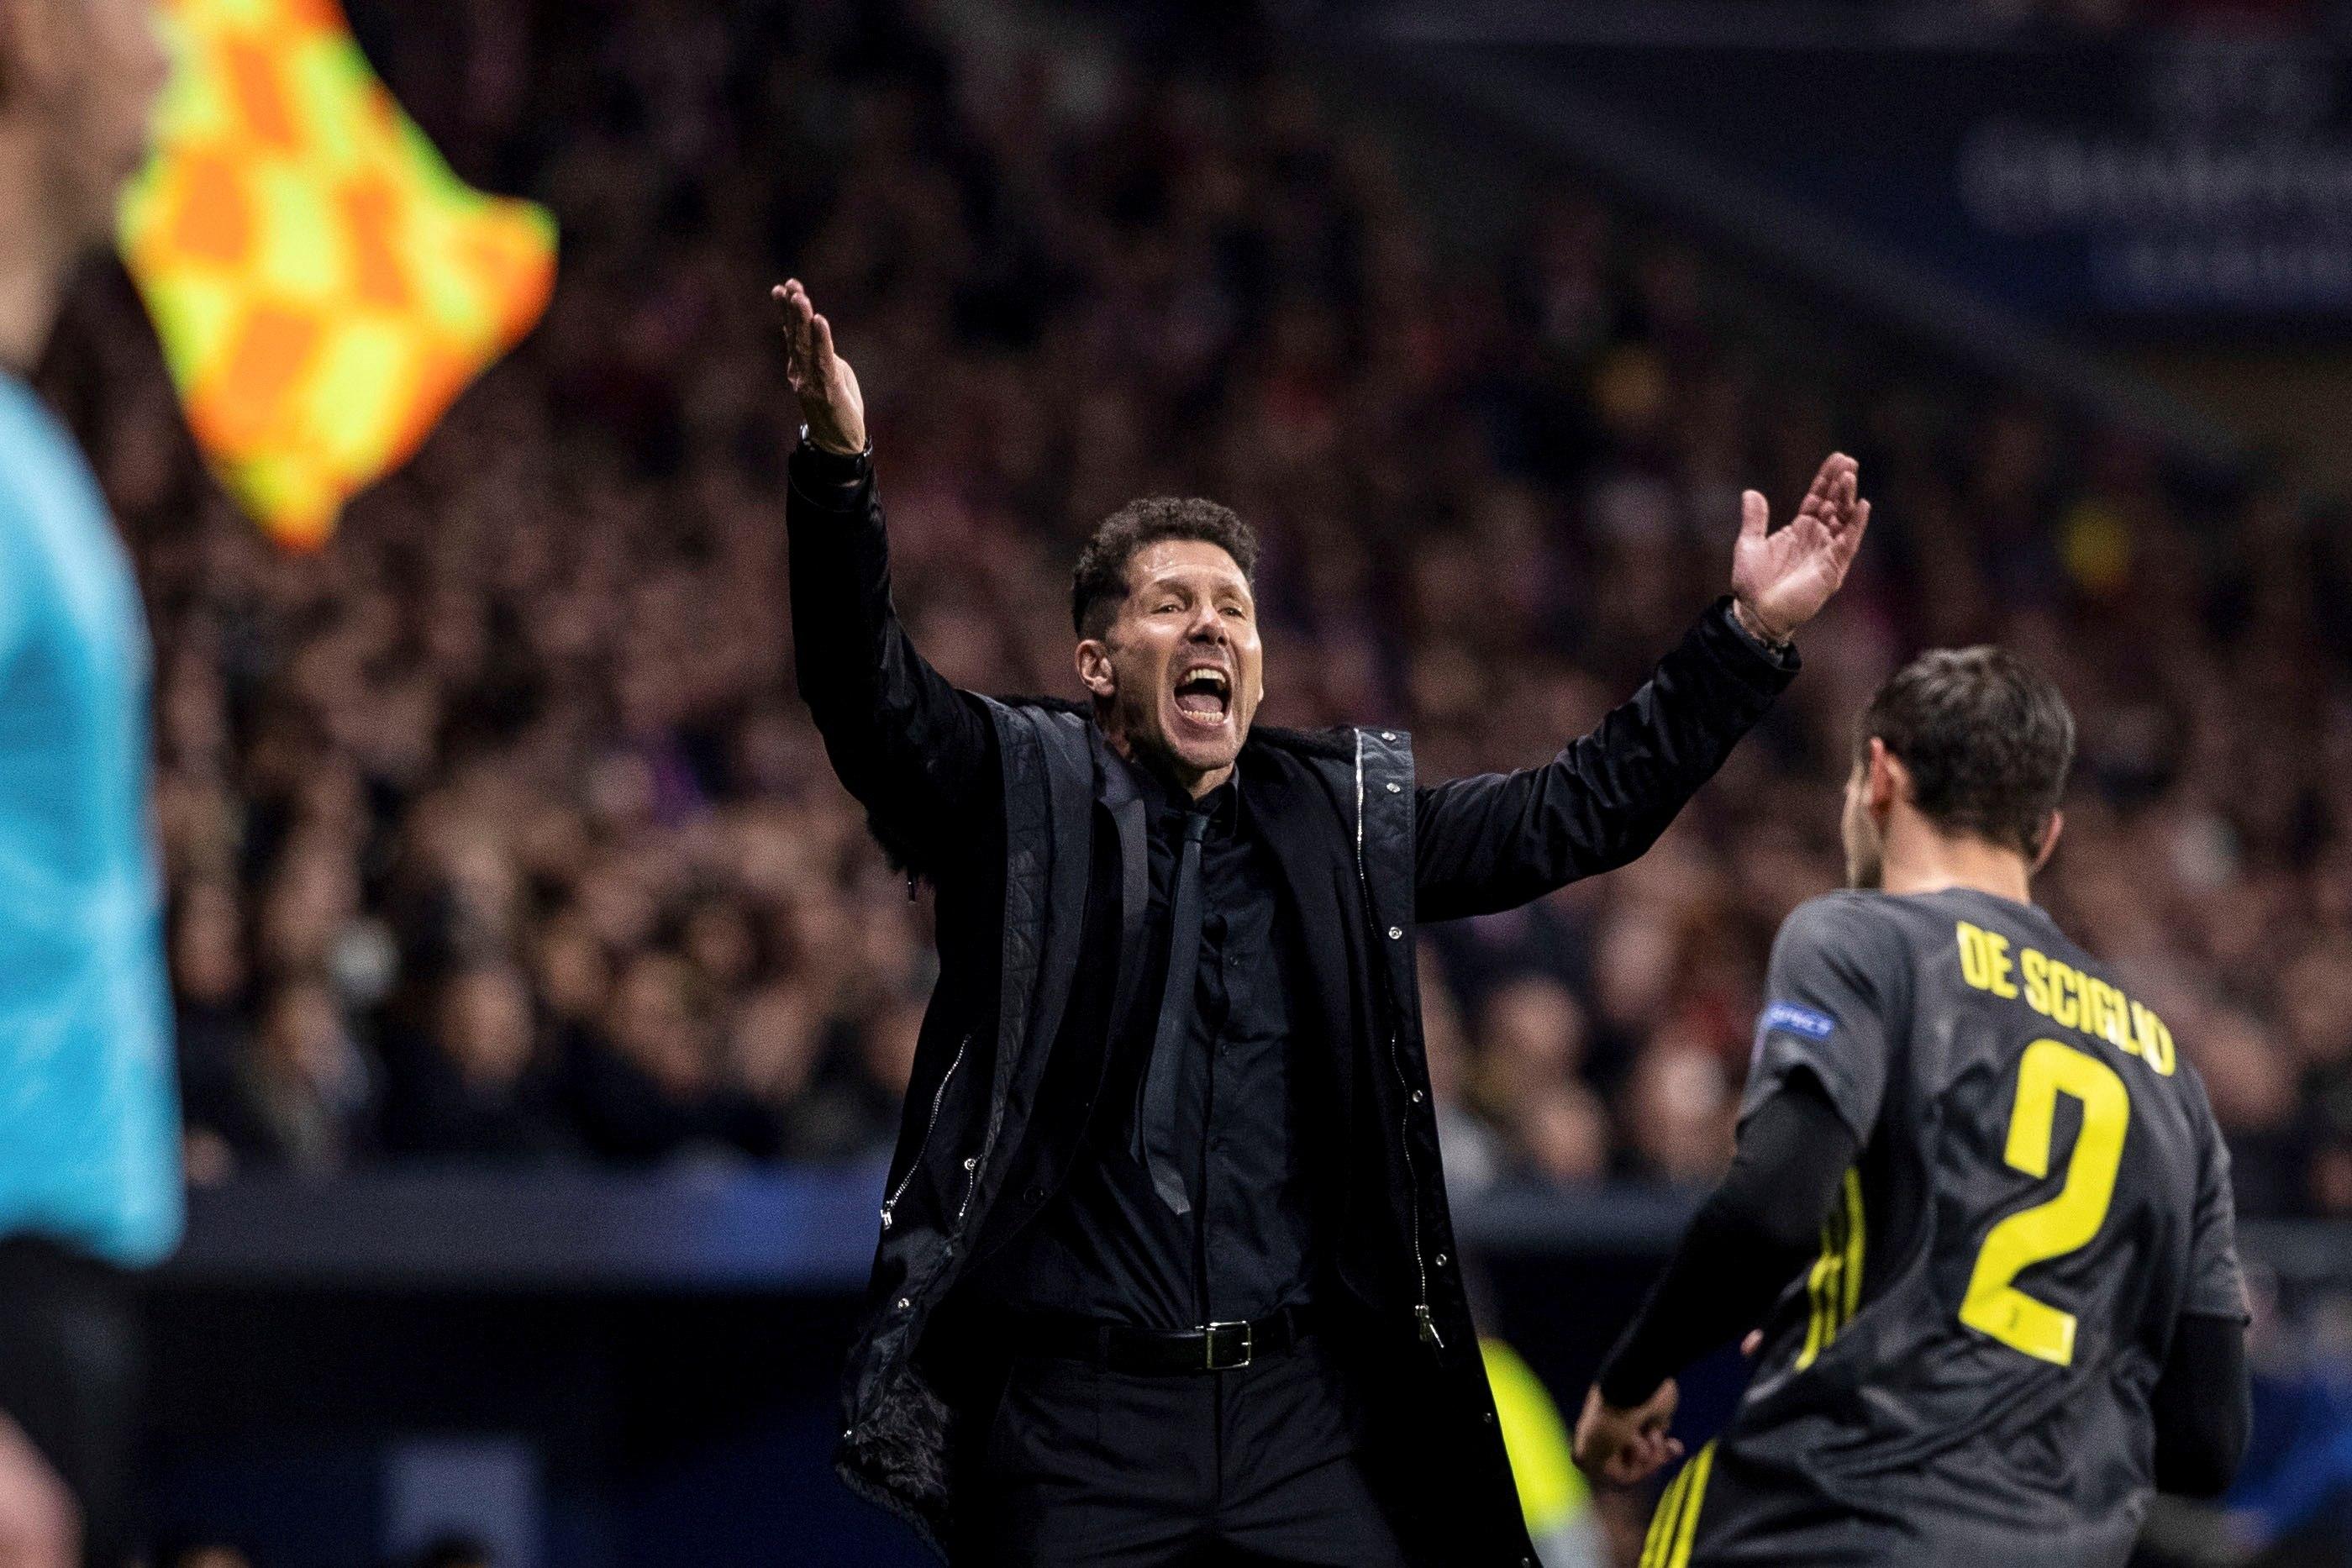 El entrenador del Atlético de Madrid, el argentino Diego Simeone, durante el partido ante el Juventus. (Foto Prensa Libre: EFE)